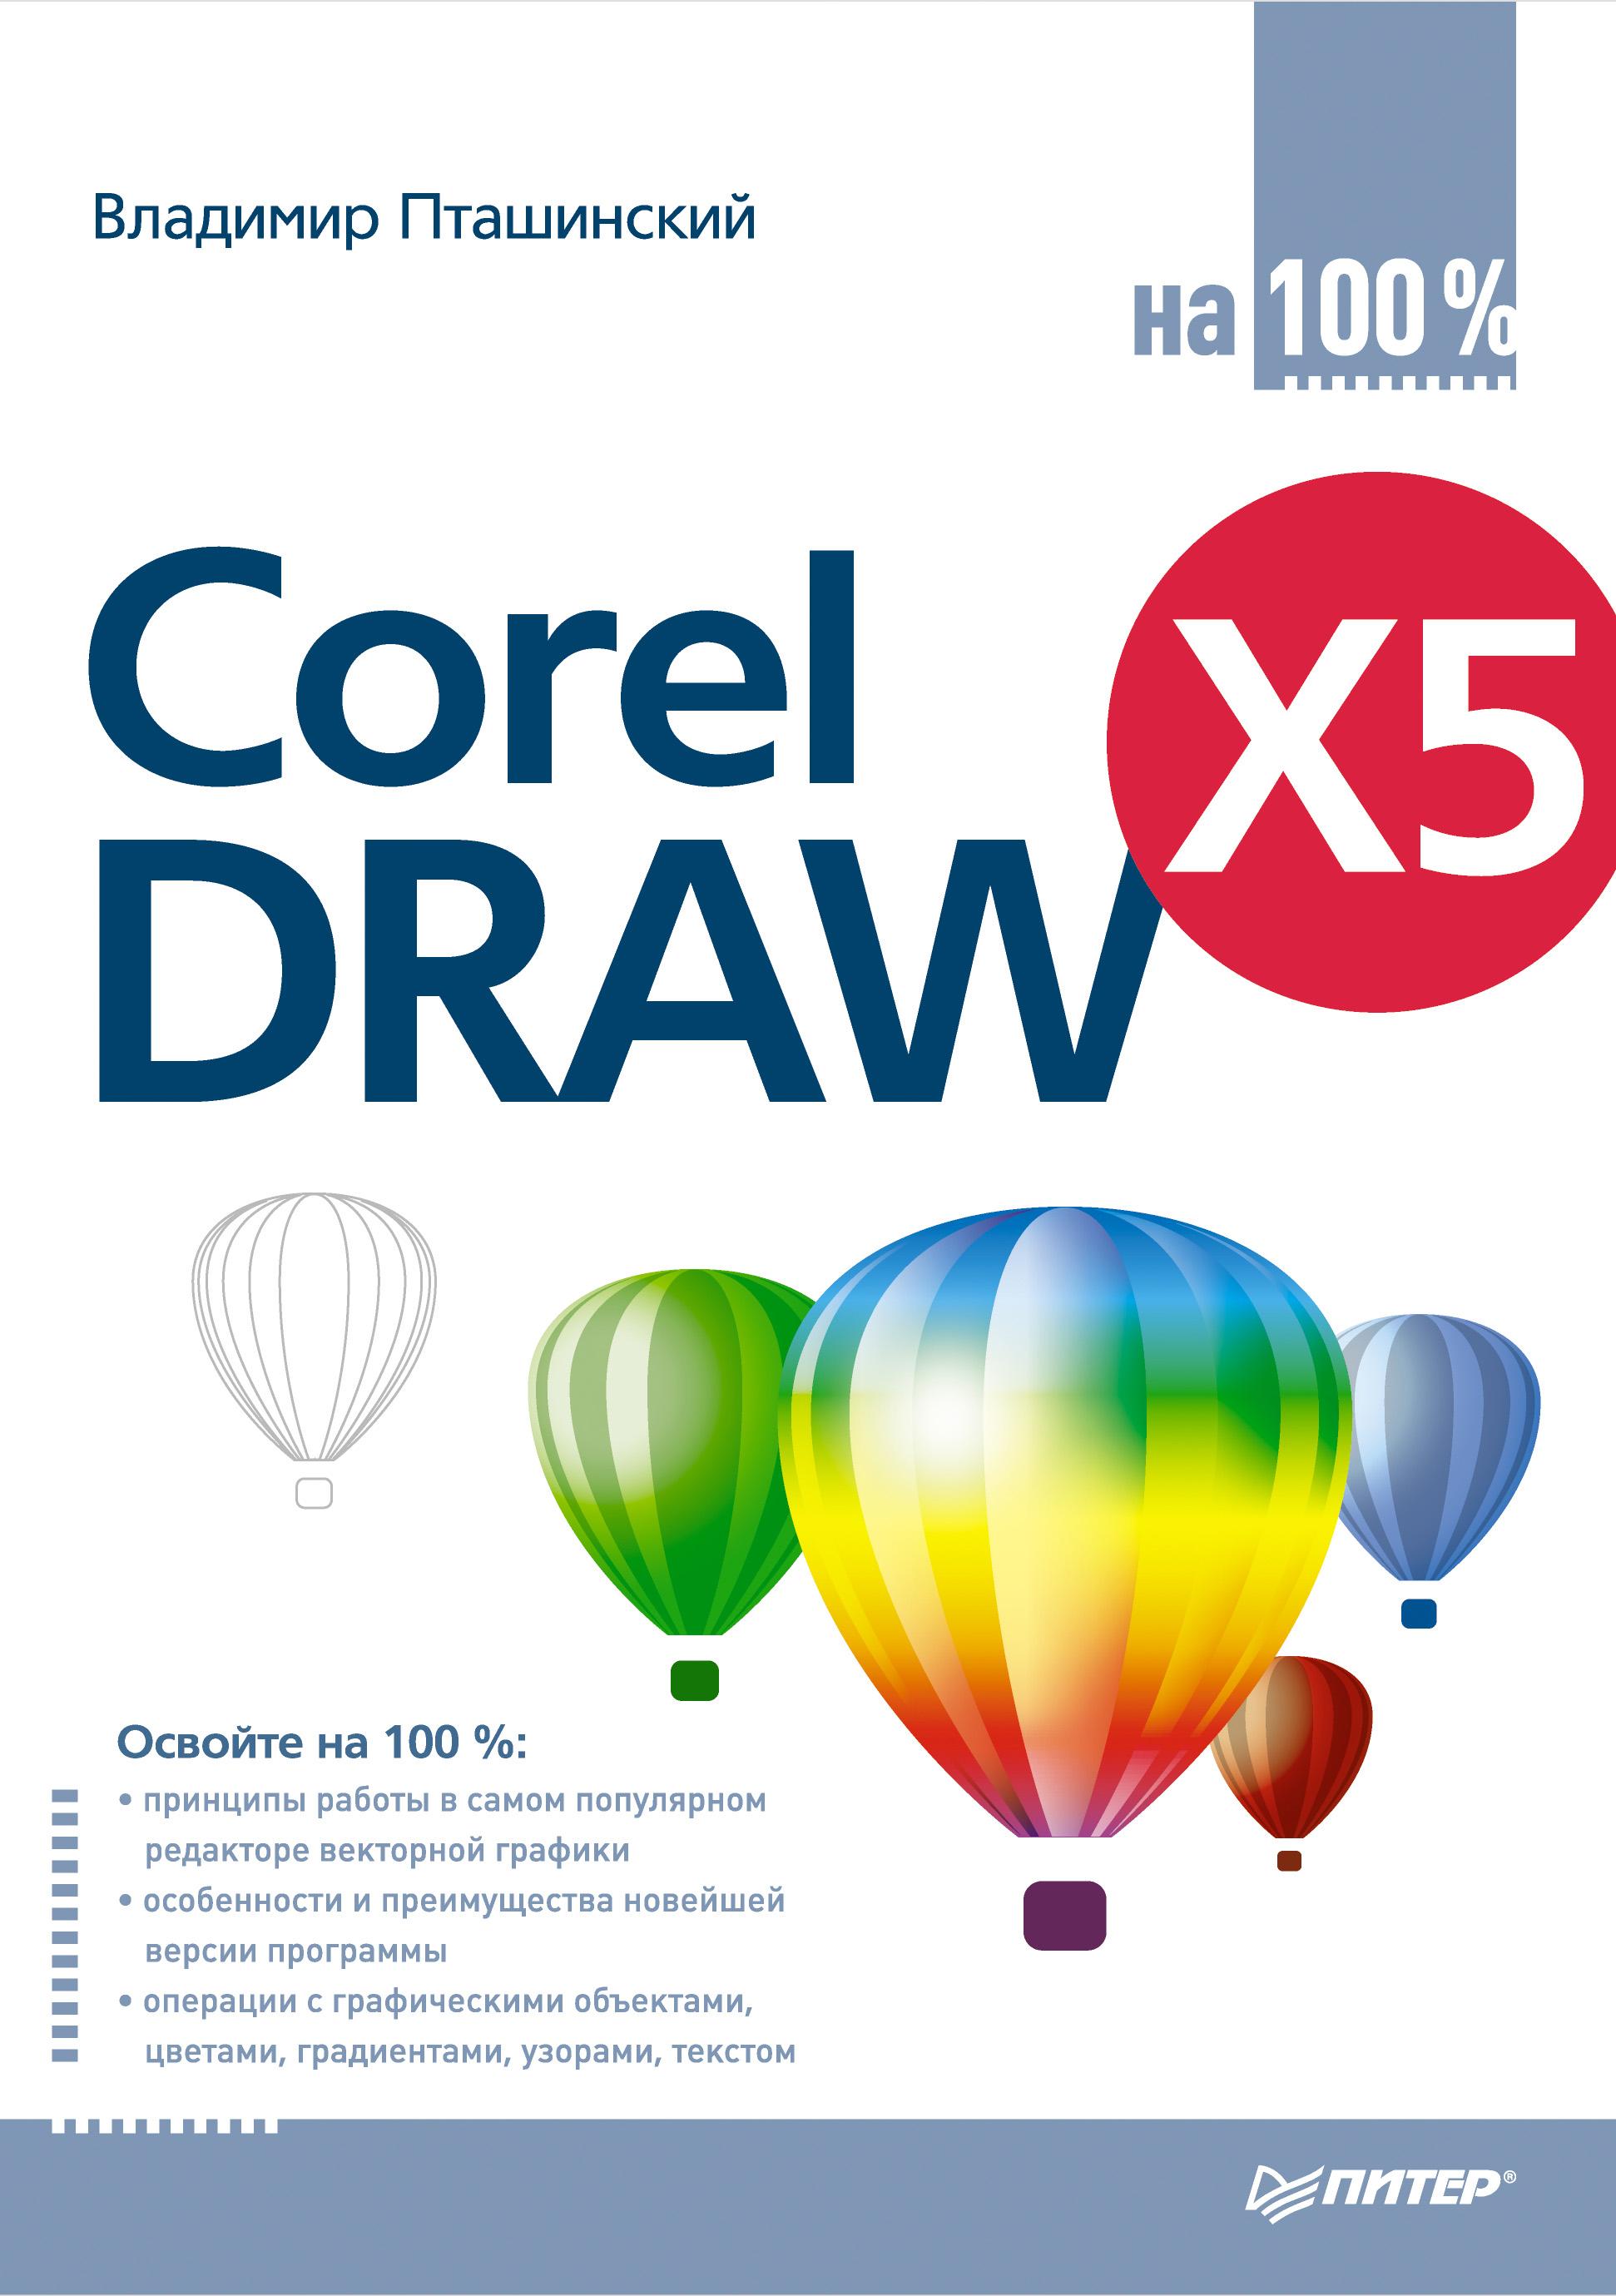 Владимир Пташинский CorelDRAW X5 на 100% 图形图像处理(coreldraw x5)